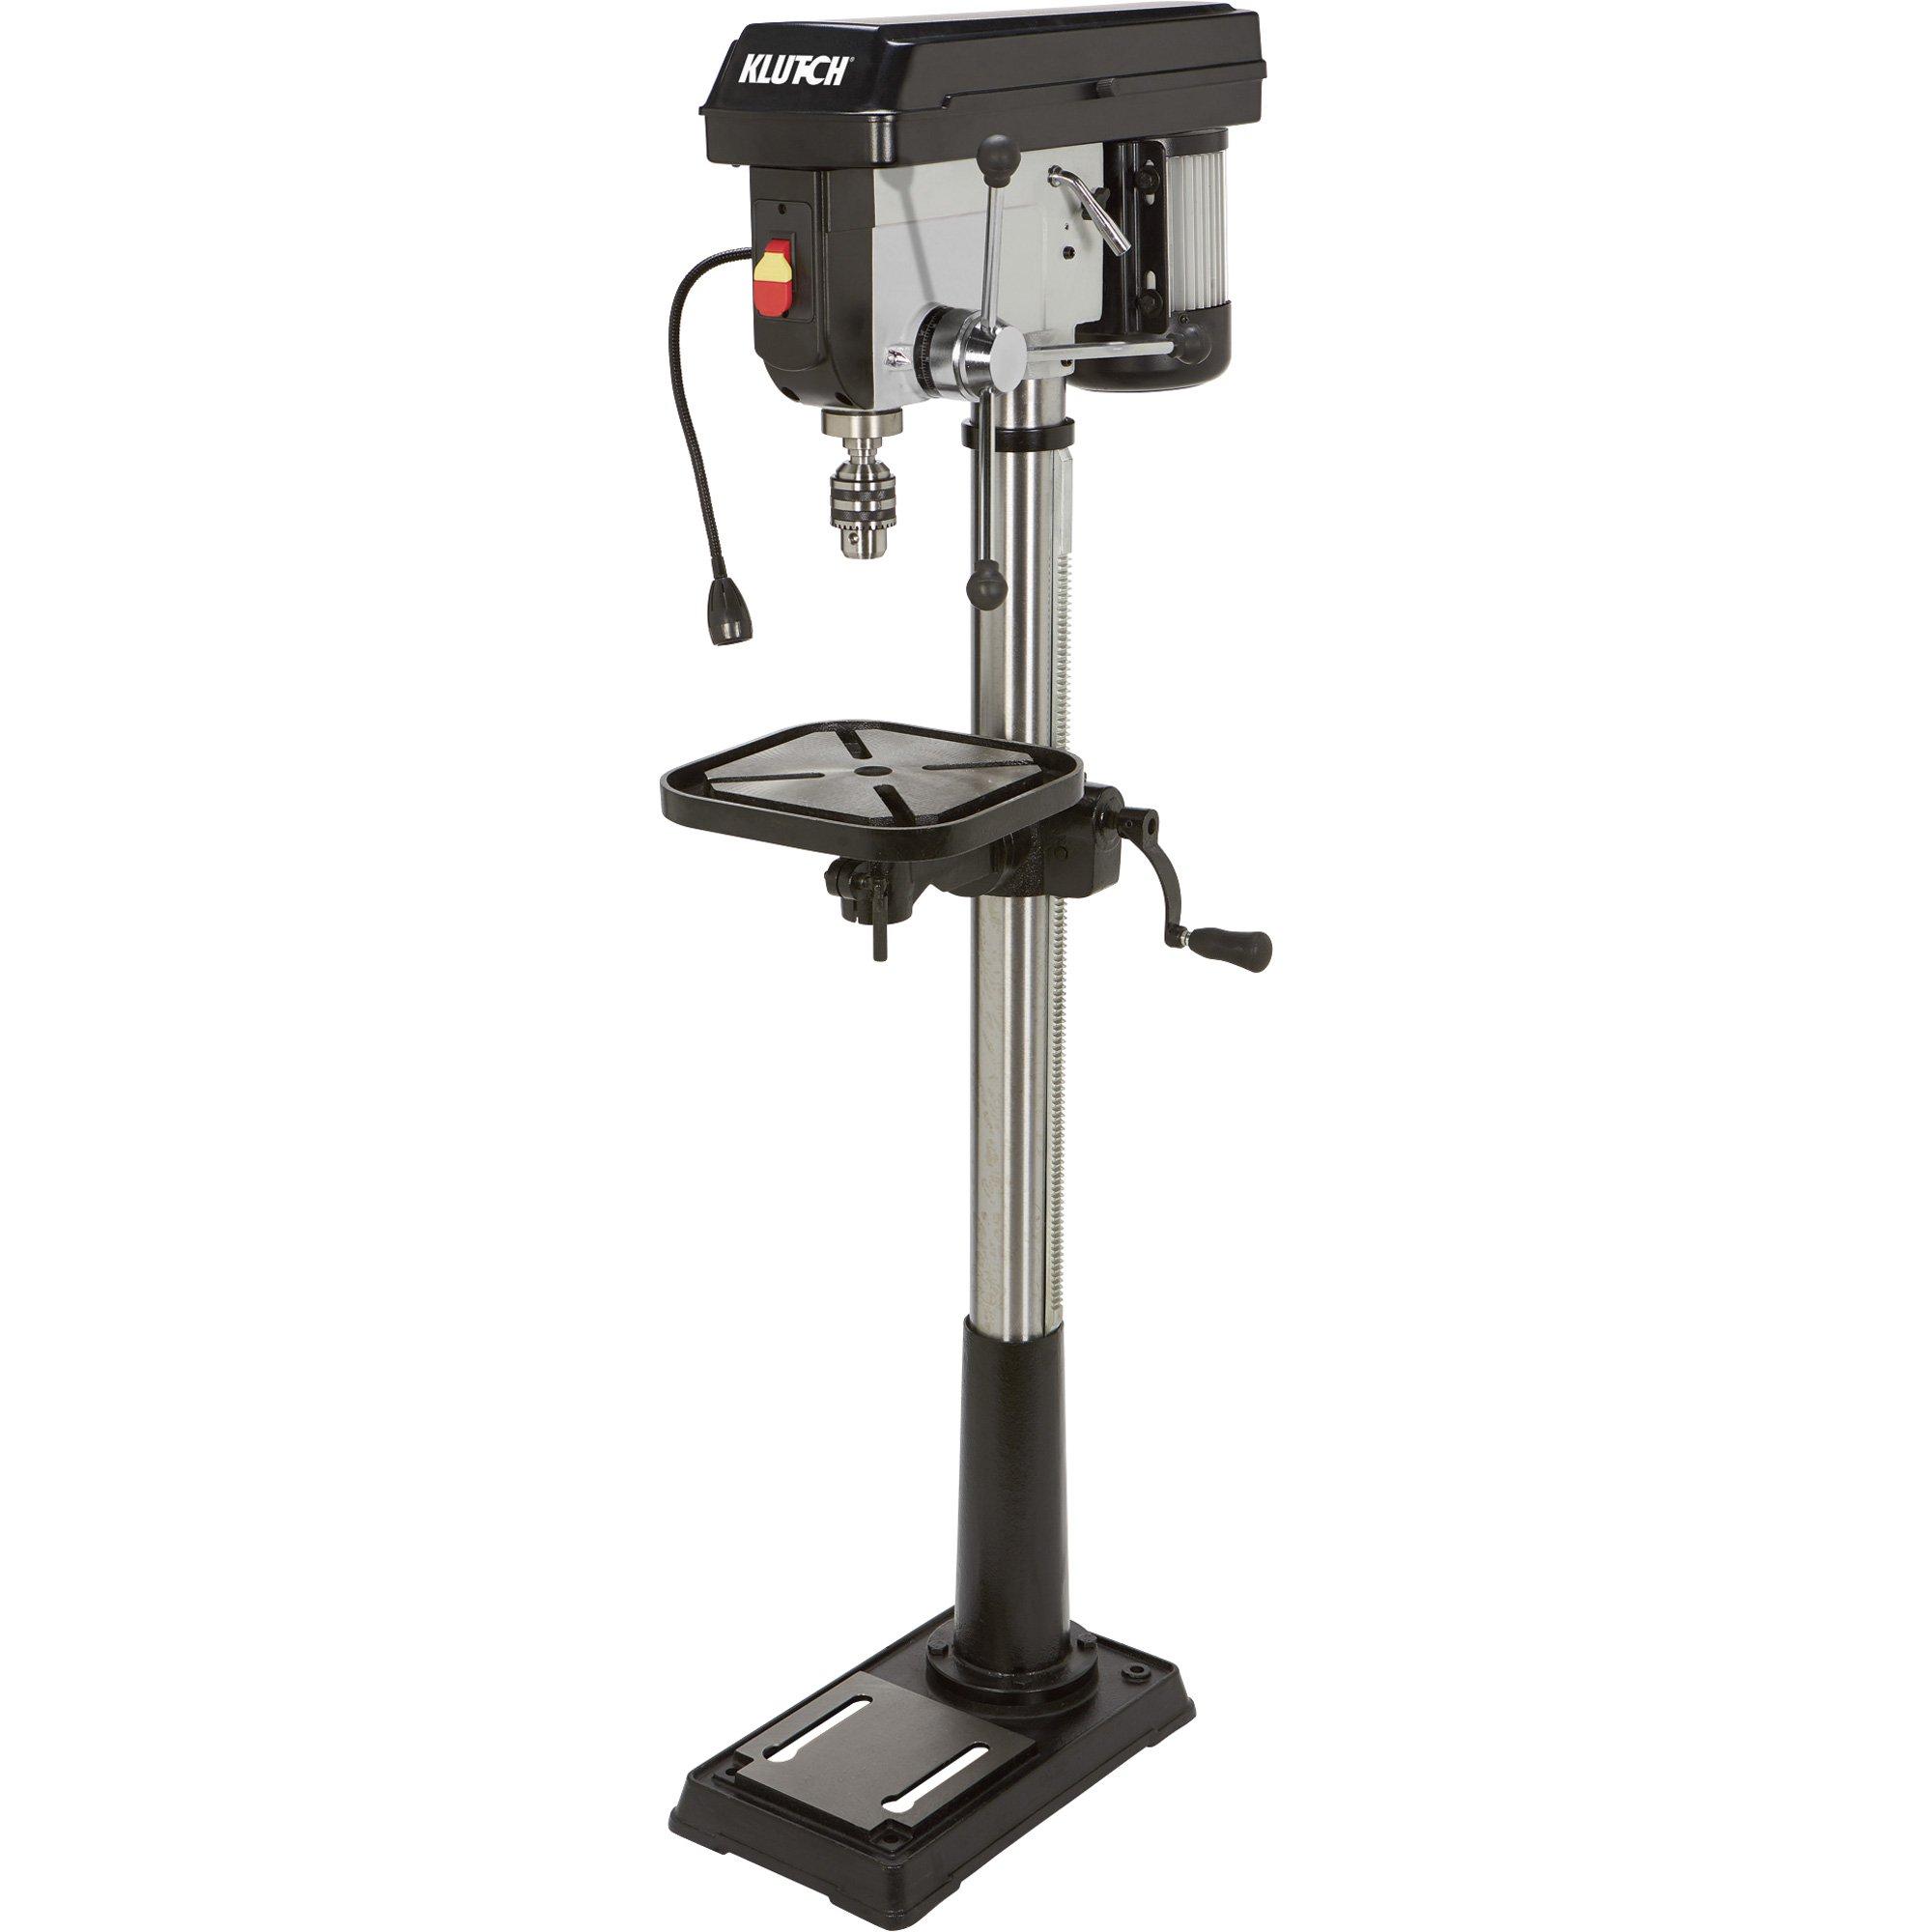 Klutch 13in. drill press